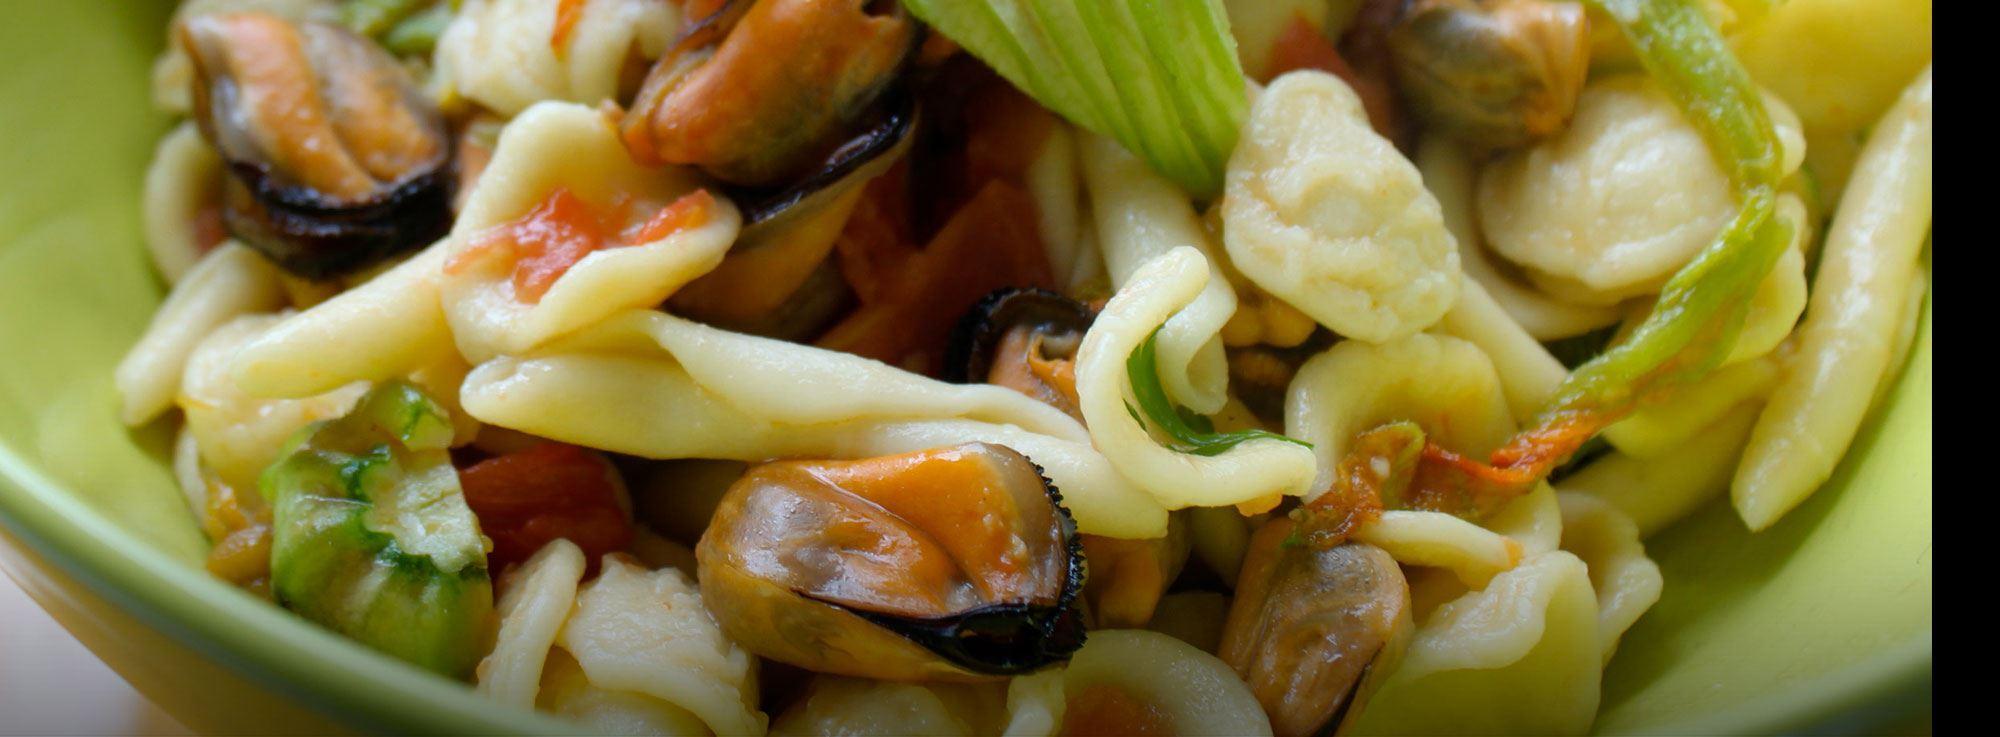 Ricetta: Orecchiette cozze nere e fiori di zucca